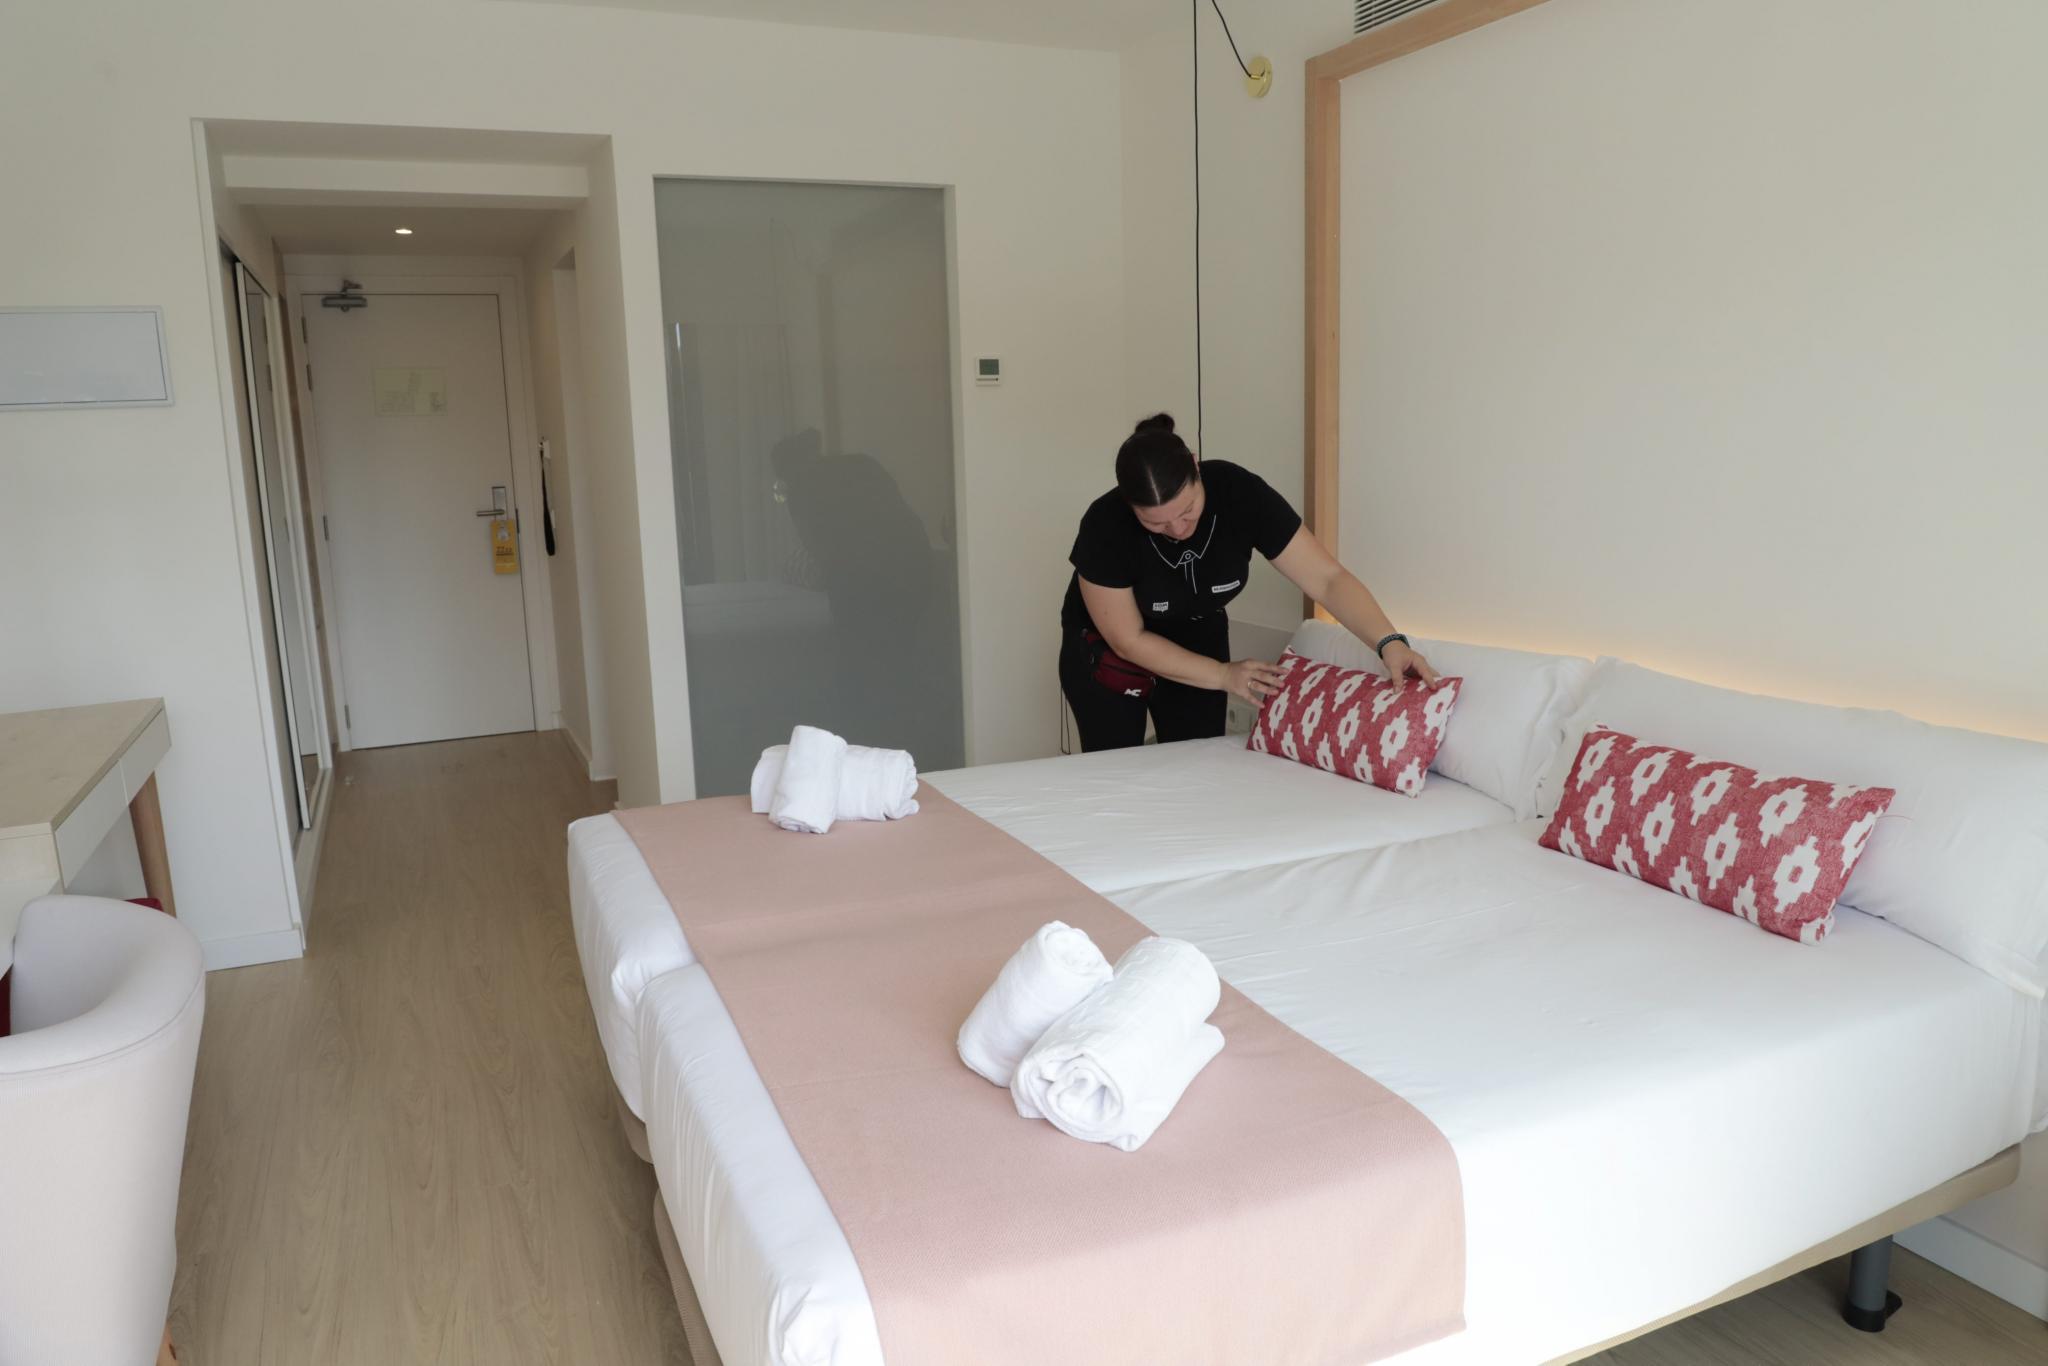 PORTO CRISTO - HOTELES - EL HOTEL SOM DONA DE PORTO CRISTO ES EL PRIMER HOTEL EXCLUSIVO PARA MUJERES